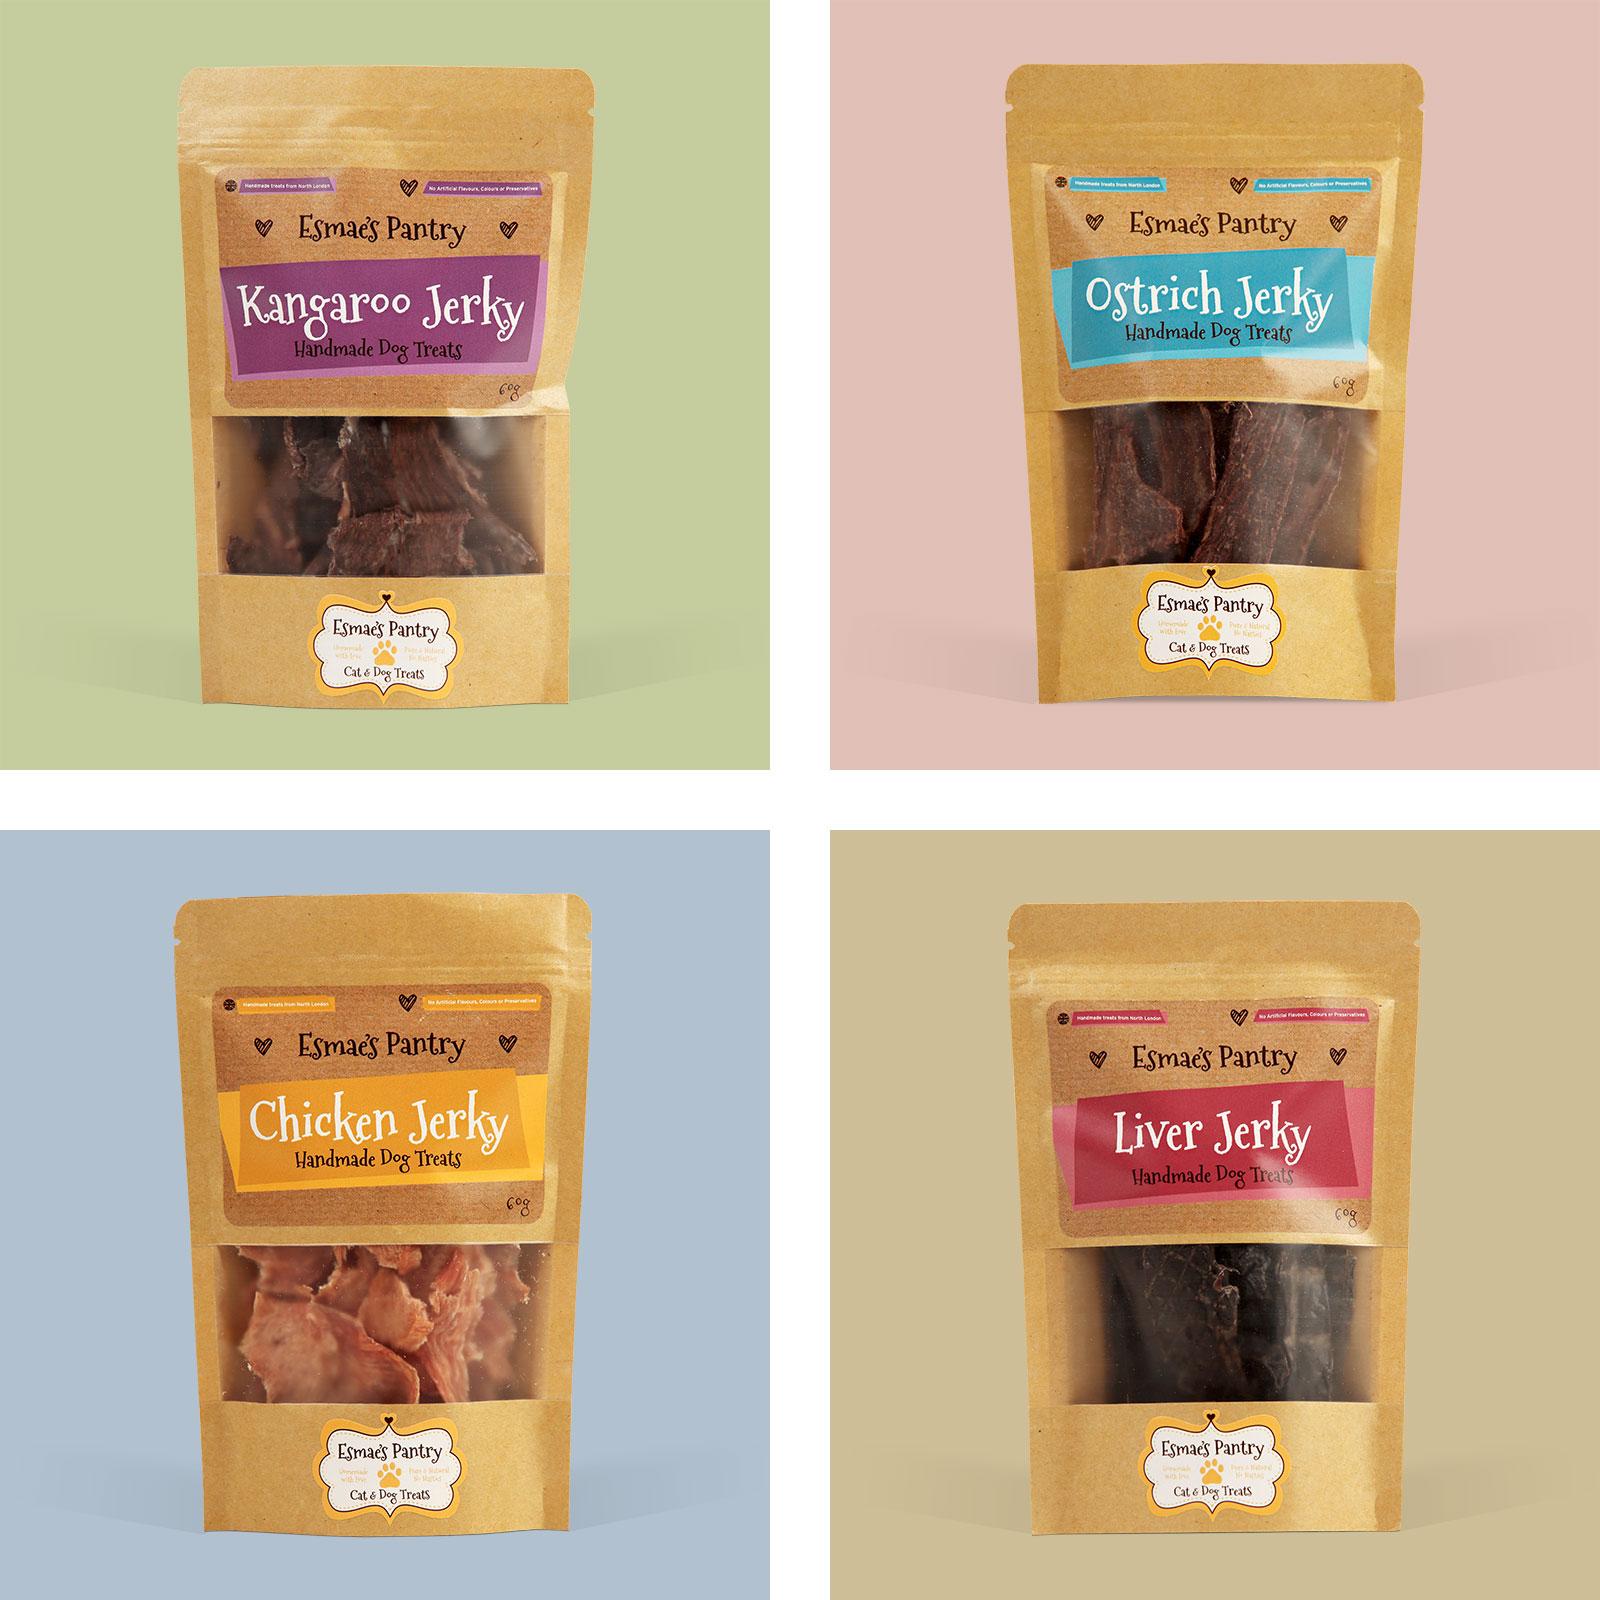 Esmae's Pantry Packaging Design